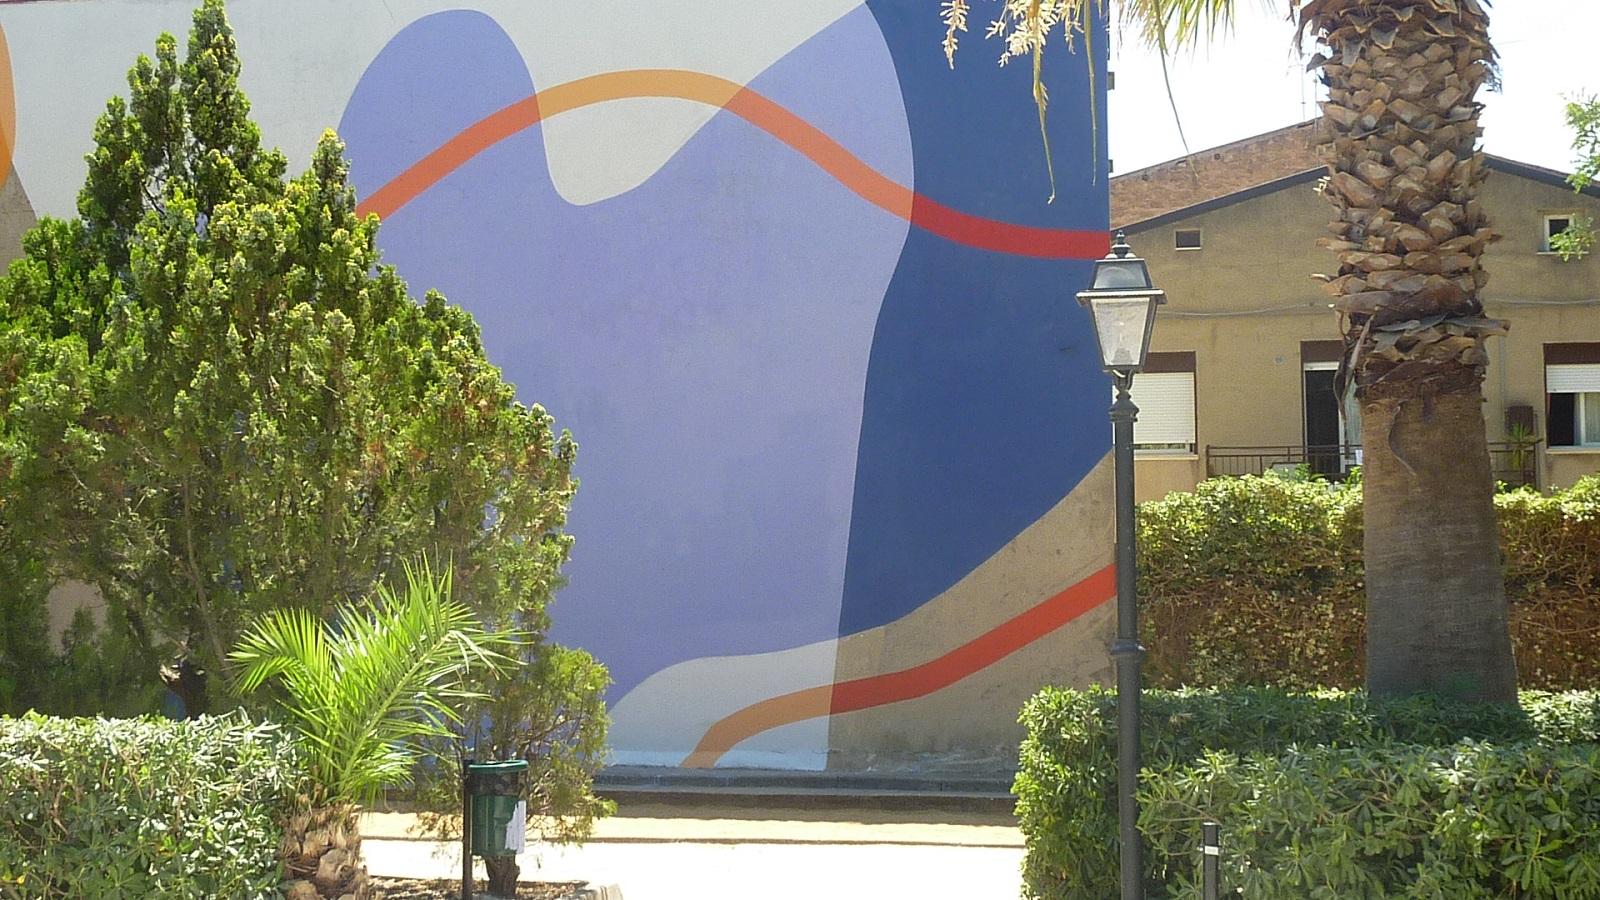 gue-new-murals-in-castrofilippo-and-modica-03